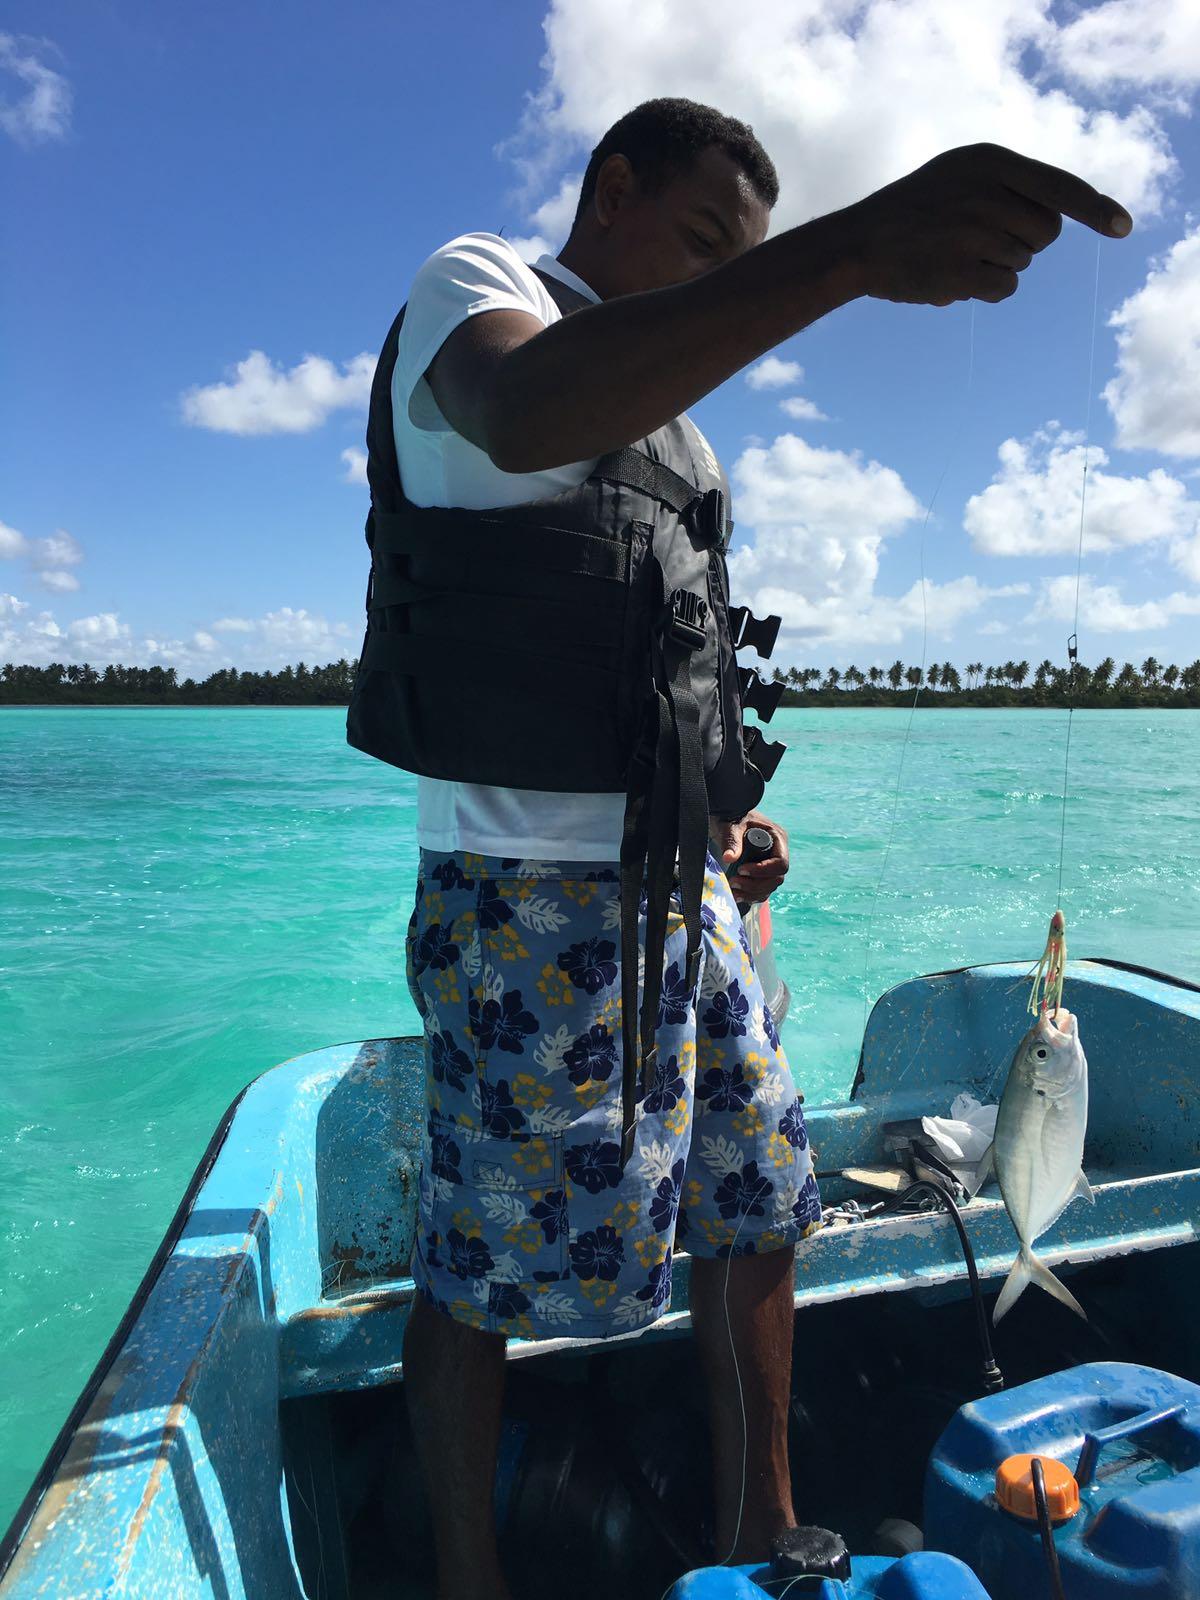 Mann im Boot mit kleinem Fischfang